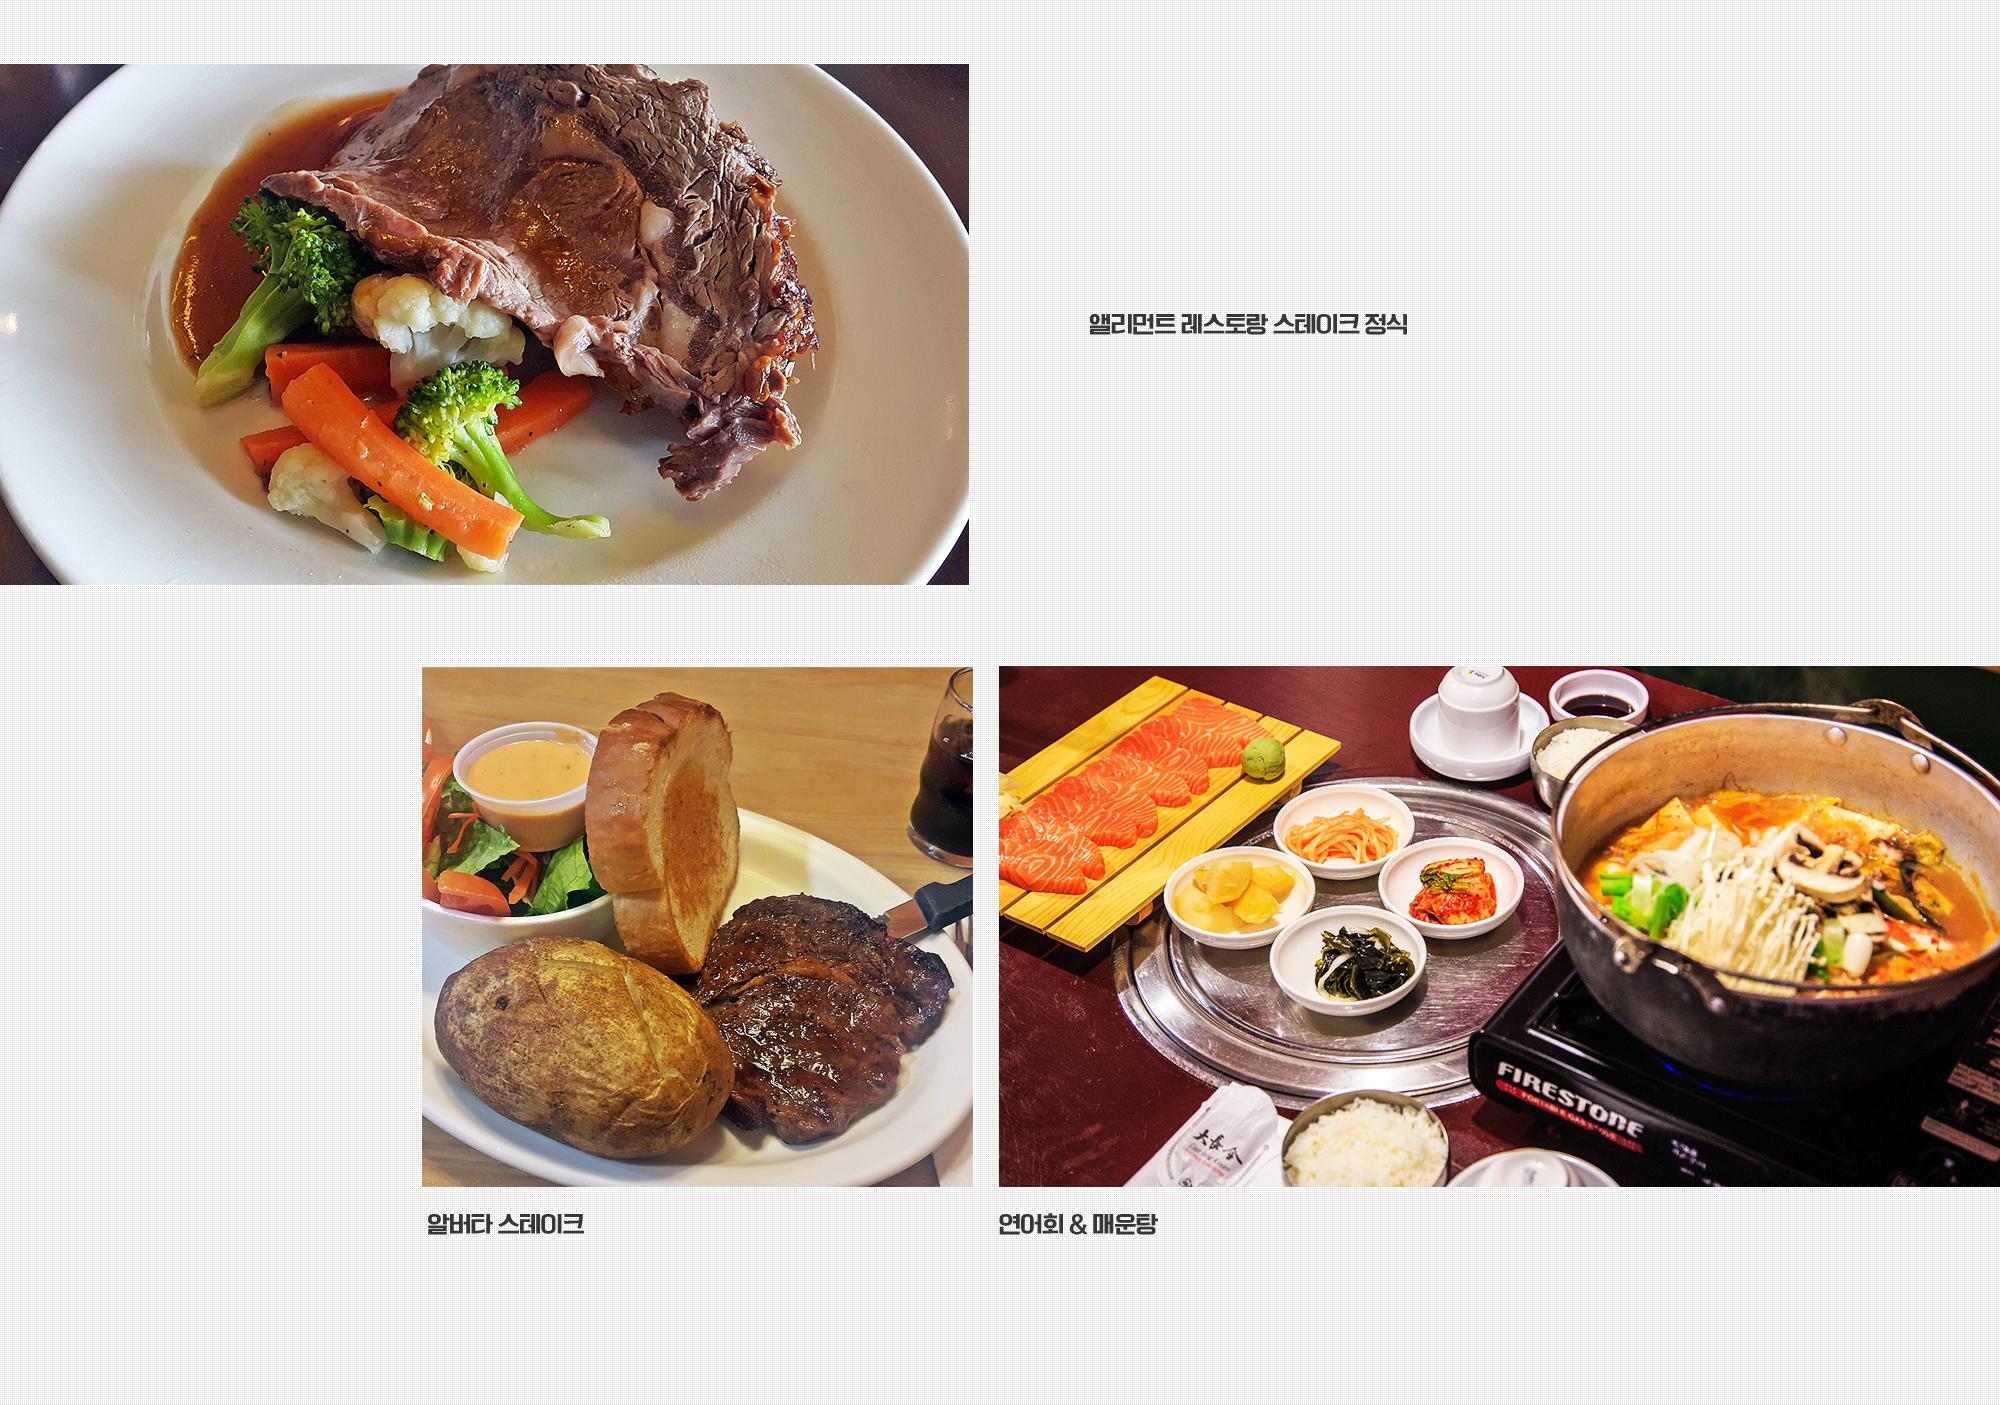 특식-앨리먼트 레스토랑 스테이크 정식,알버타 스테이크,연어회&매운탕